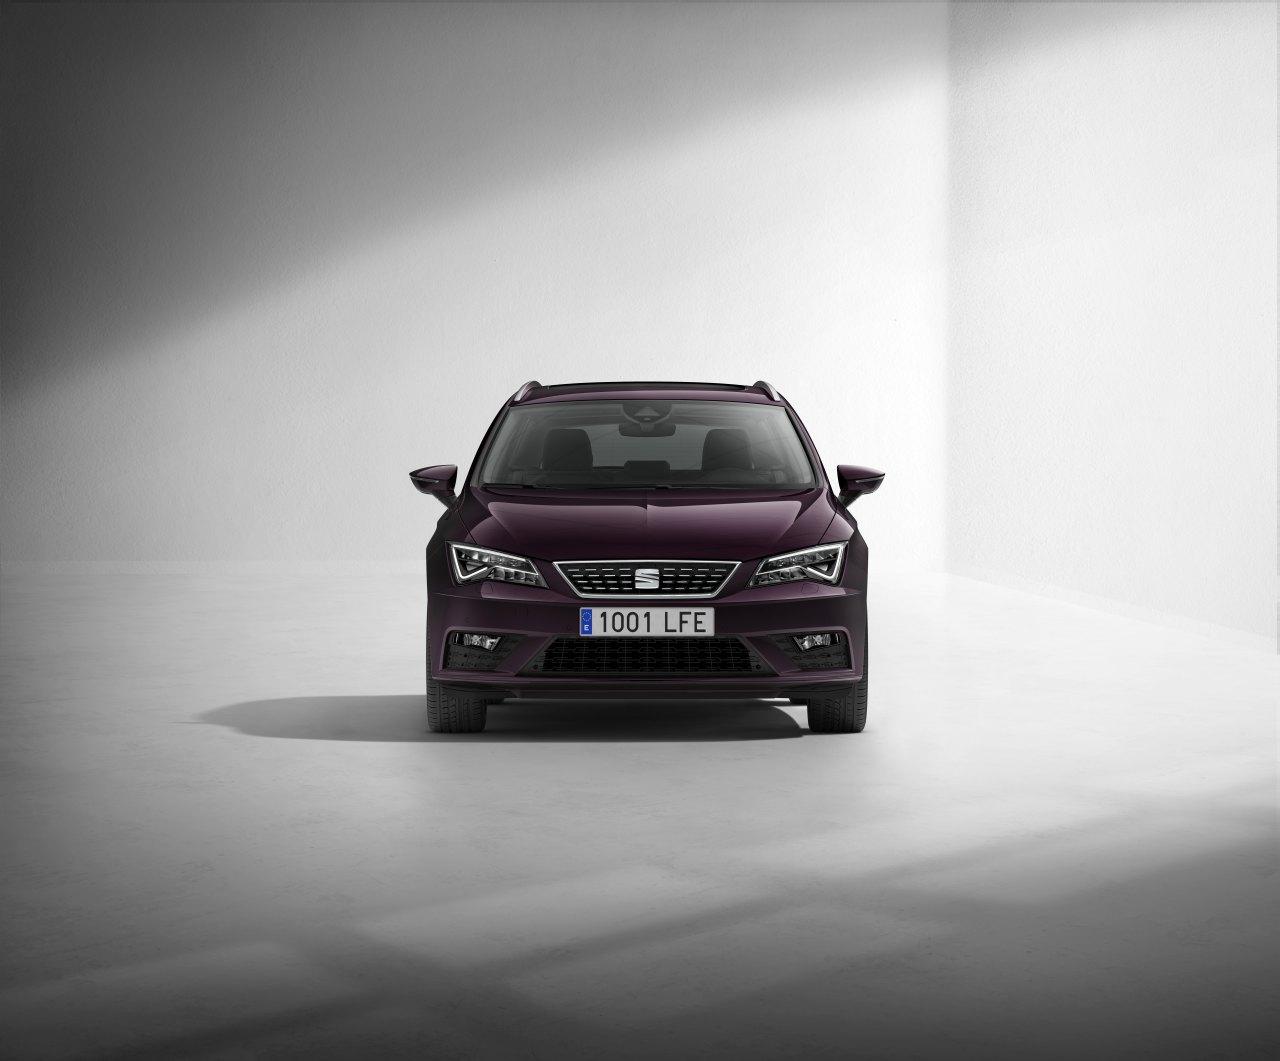 Seat-Leon-facelift-2017-01.jpg